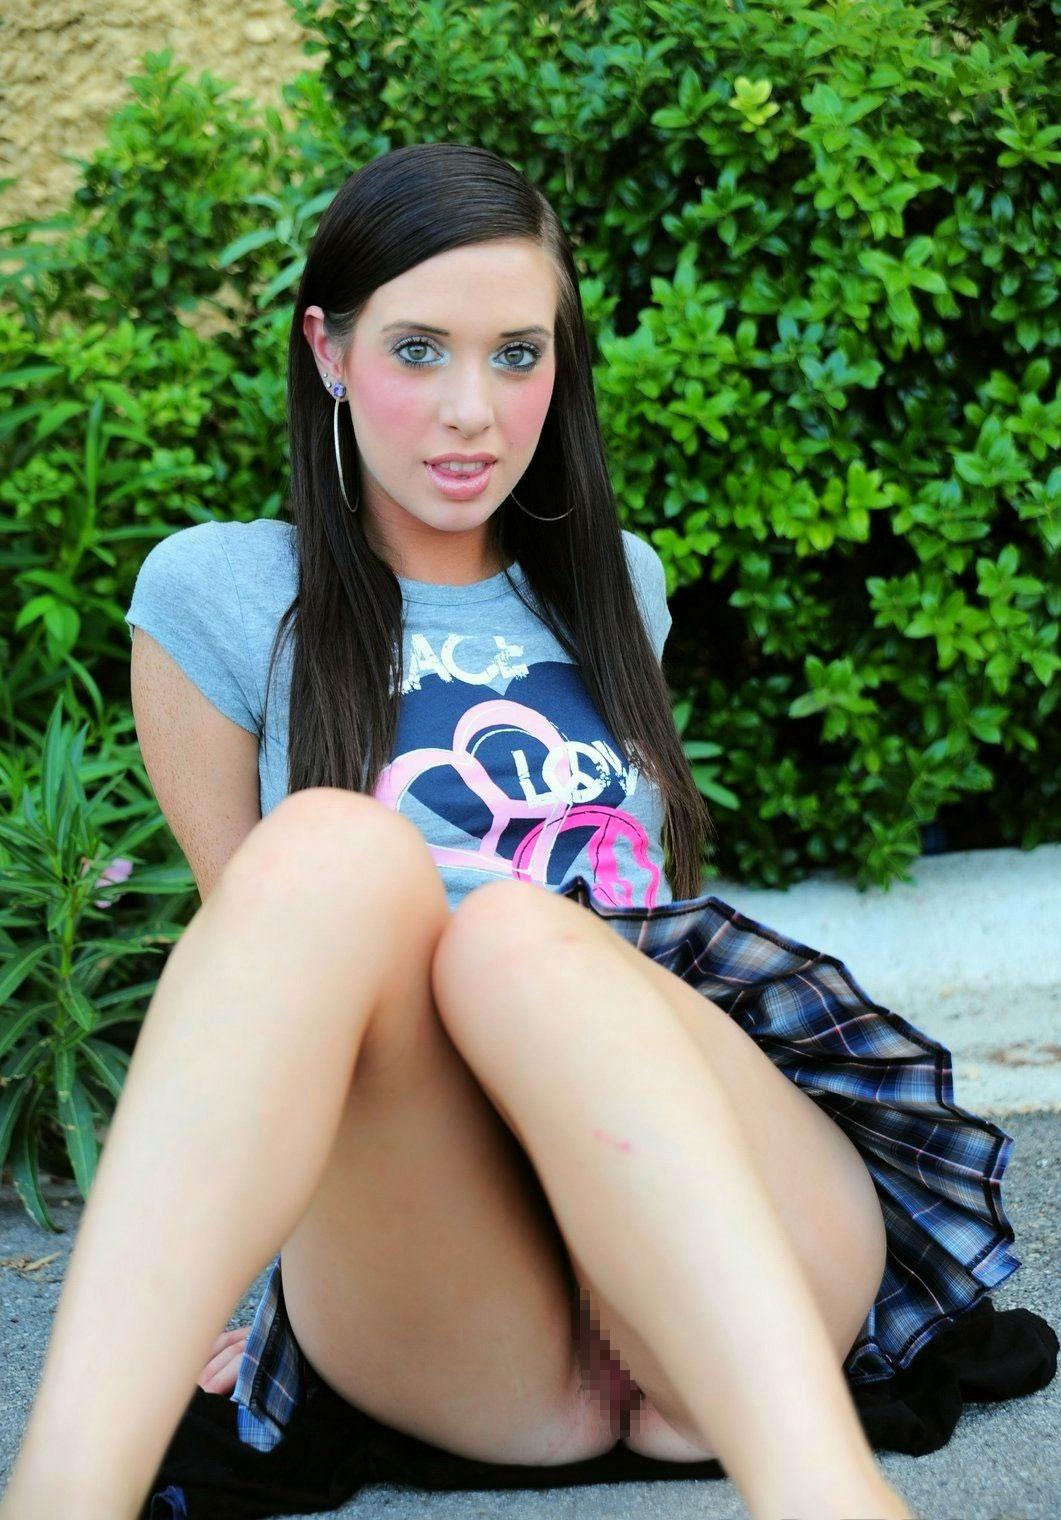 【ノーパンエロ画像】スカートの中が涼しそう…海外ノーパン痴女たちの露出www 14